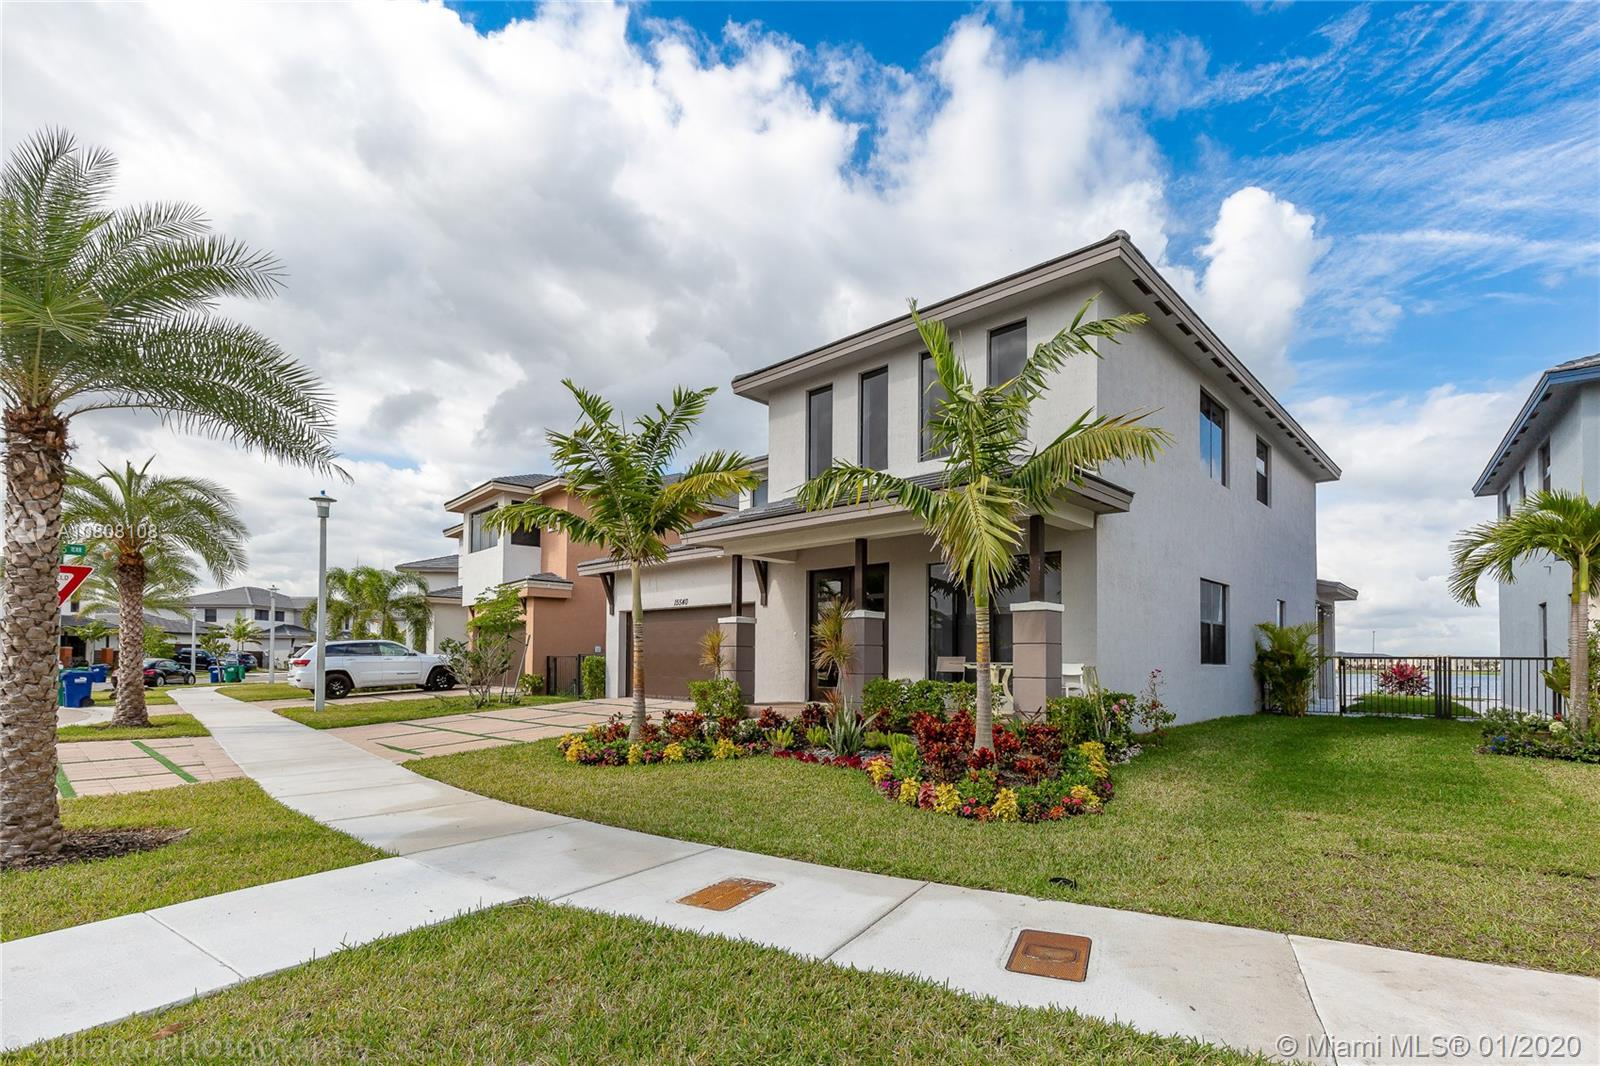 15540 NW 88th Ave, Miami Lakes, FL 33018